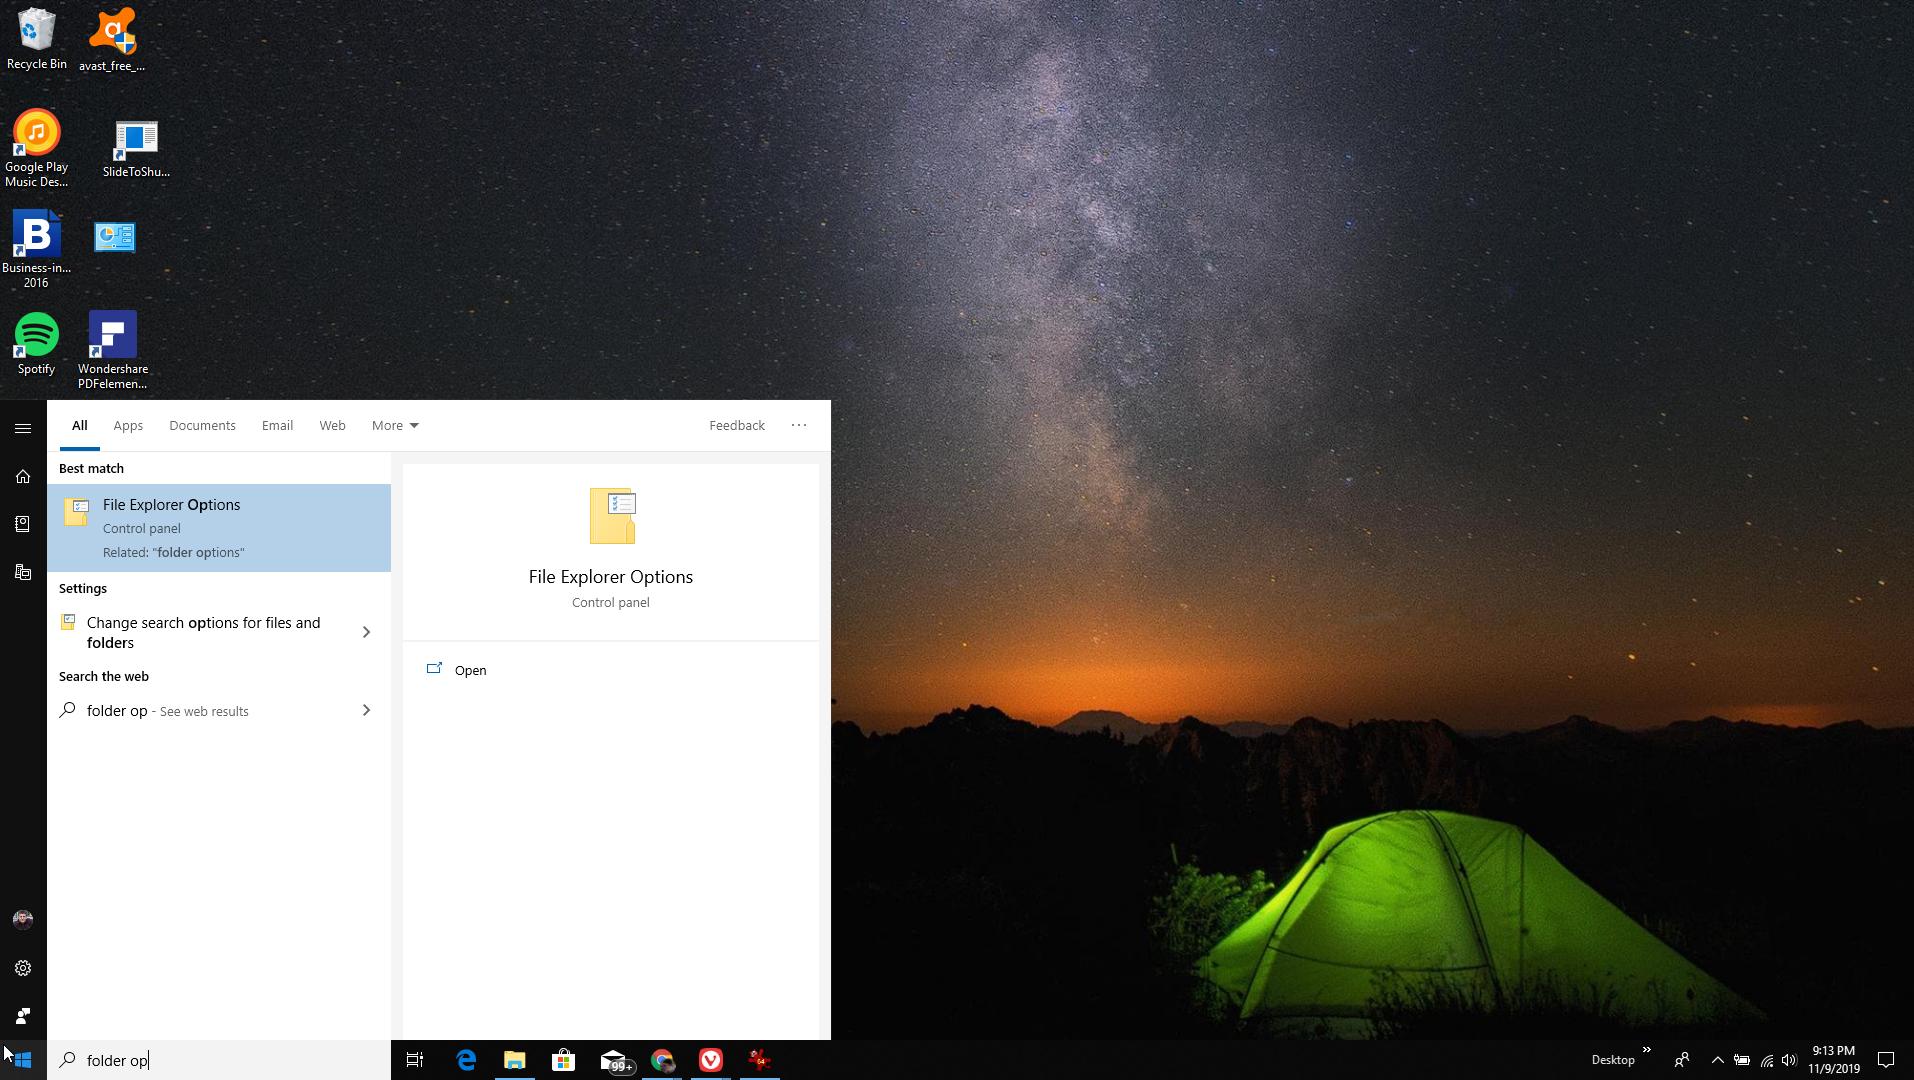 Screenshot of selecting File Explorer Options